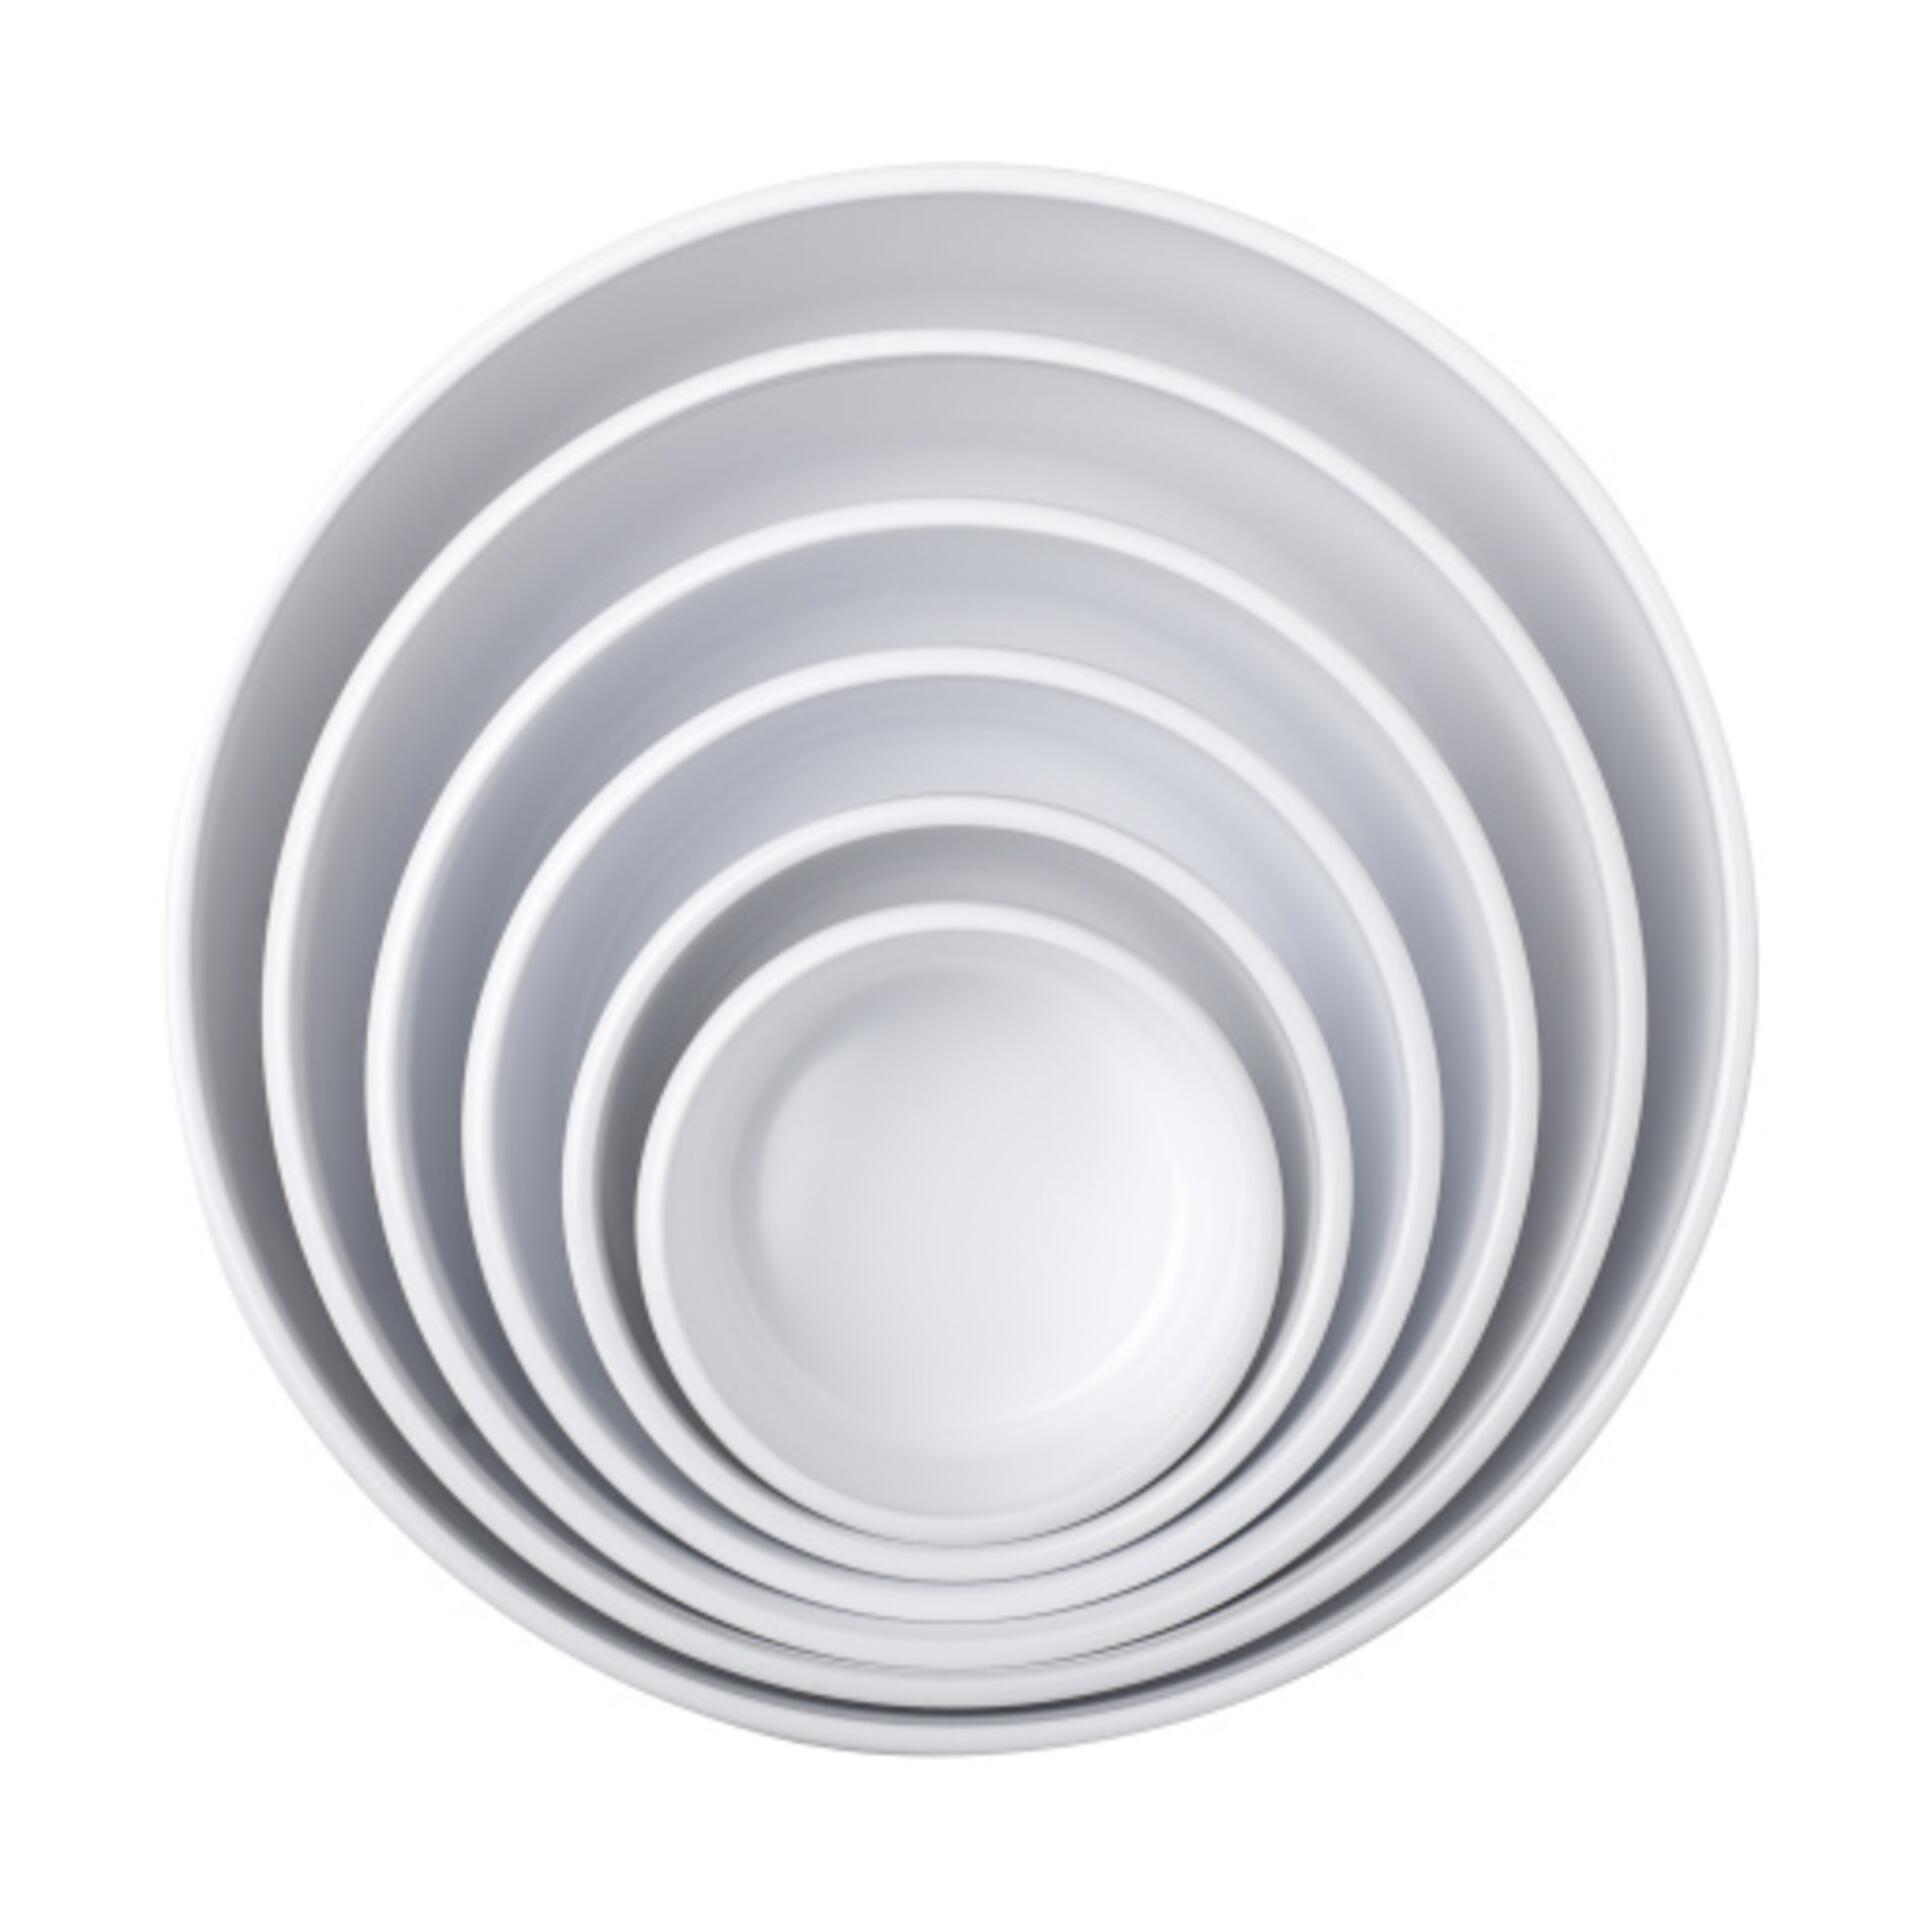 Rosti Mepal Volumia Aufbewahrung 350 ml Weiß